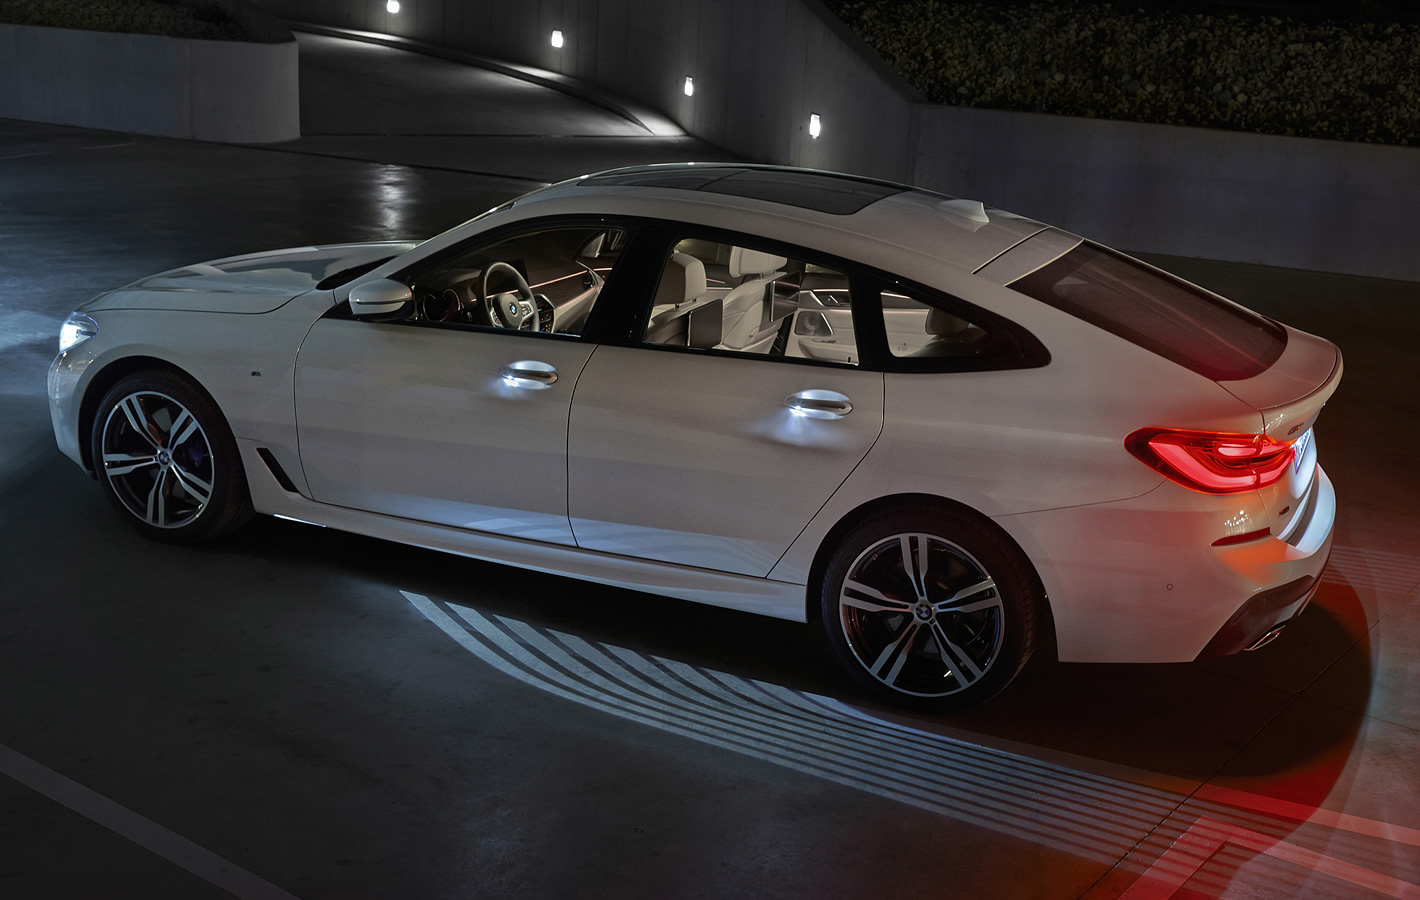 BMW Serii 6 Gran Turismo - podświetlenie powitalne